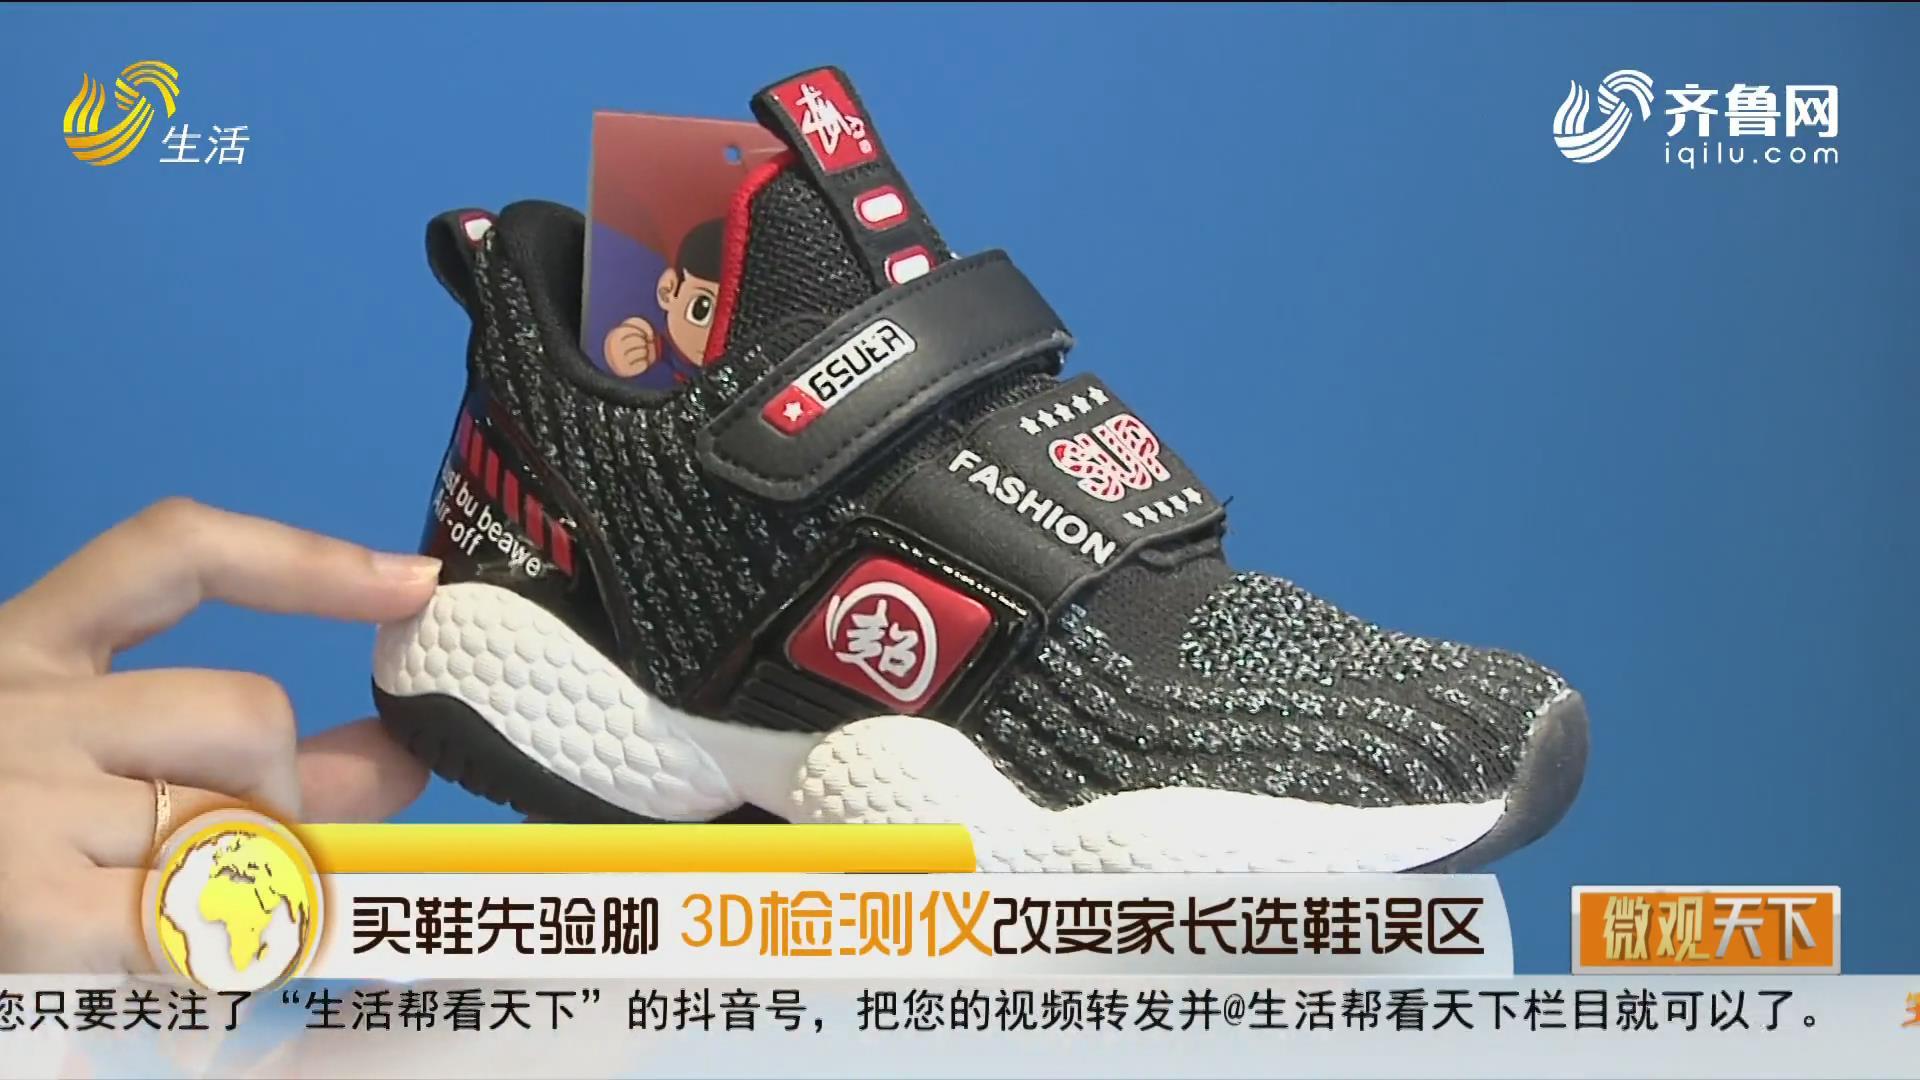 买鞋先验脚 3D检测仪改变家长选鞋误区